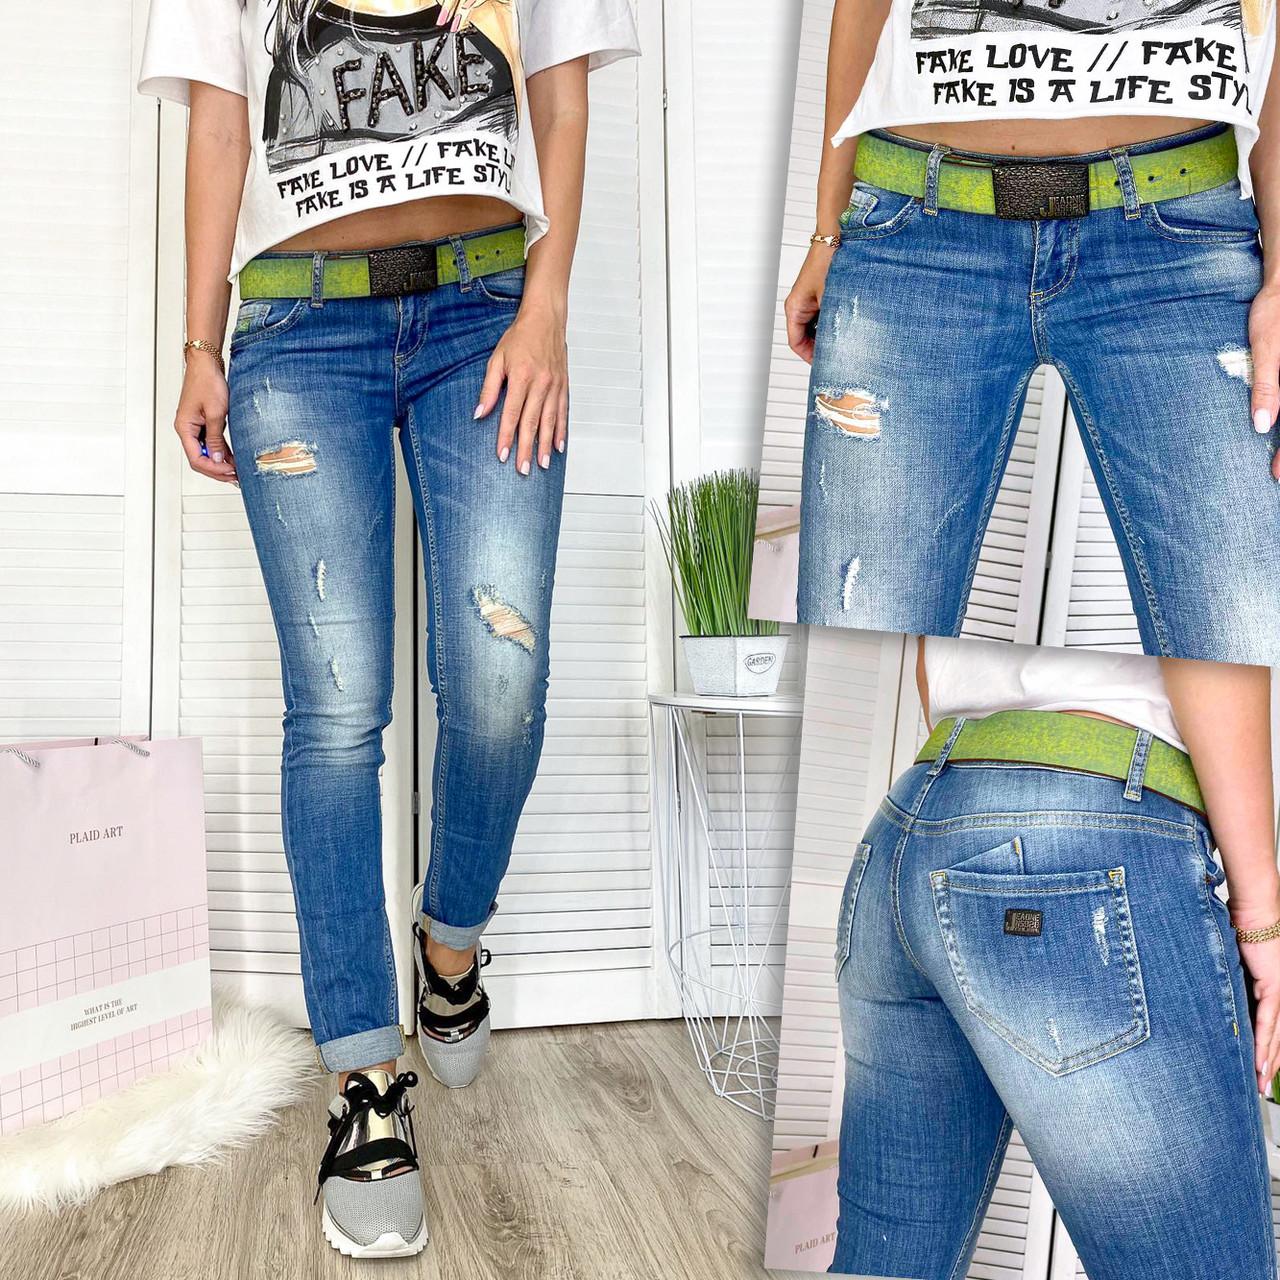 9364-581-02 Collibri джинси жіночі з рванкой сині демісезонні стрейчеві (25,25,26,27,29, 5 од.)